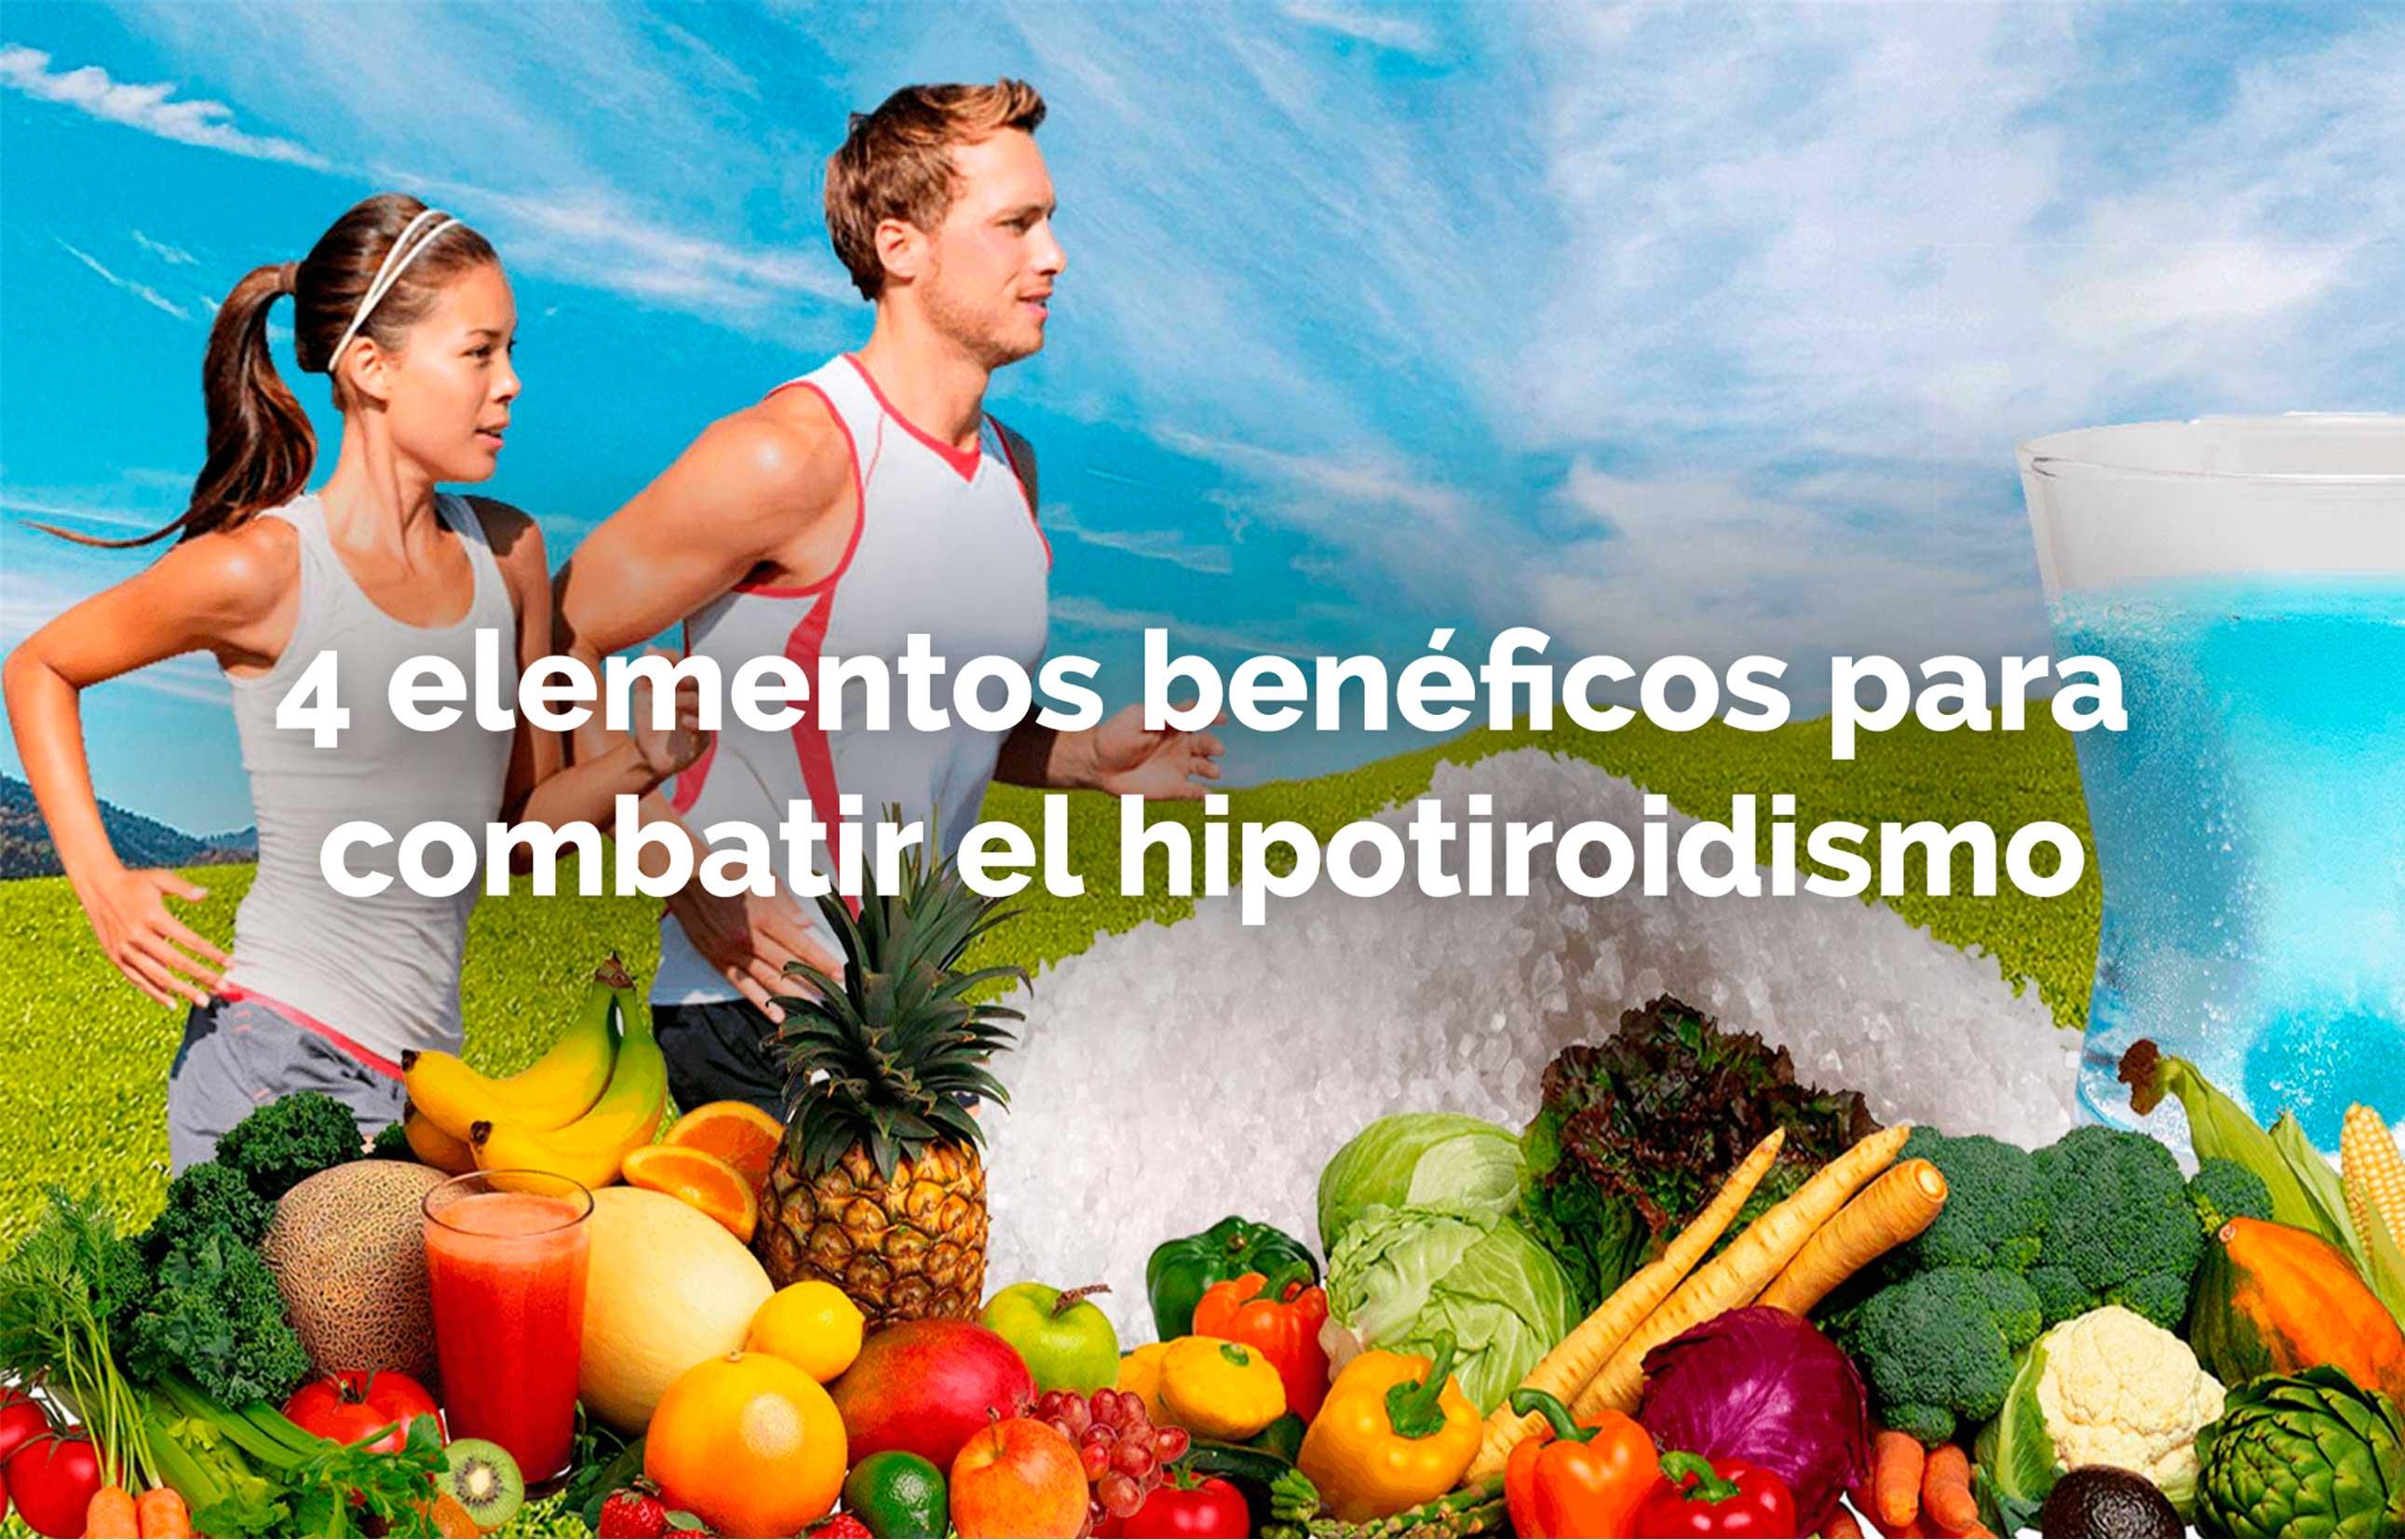 4 elementos benéficos para combatir el hipotiroidismo